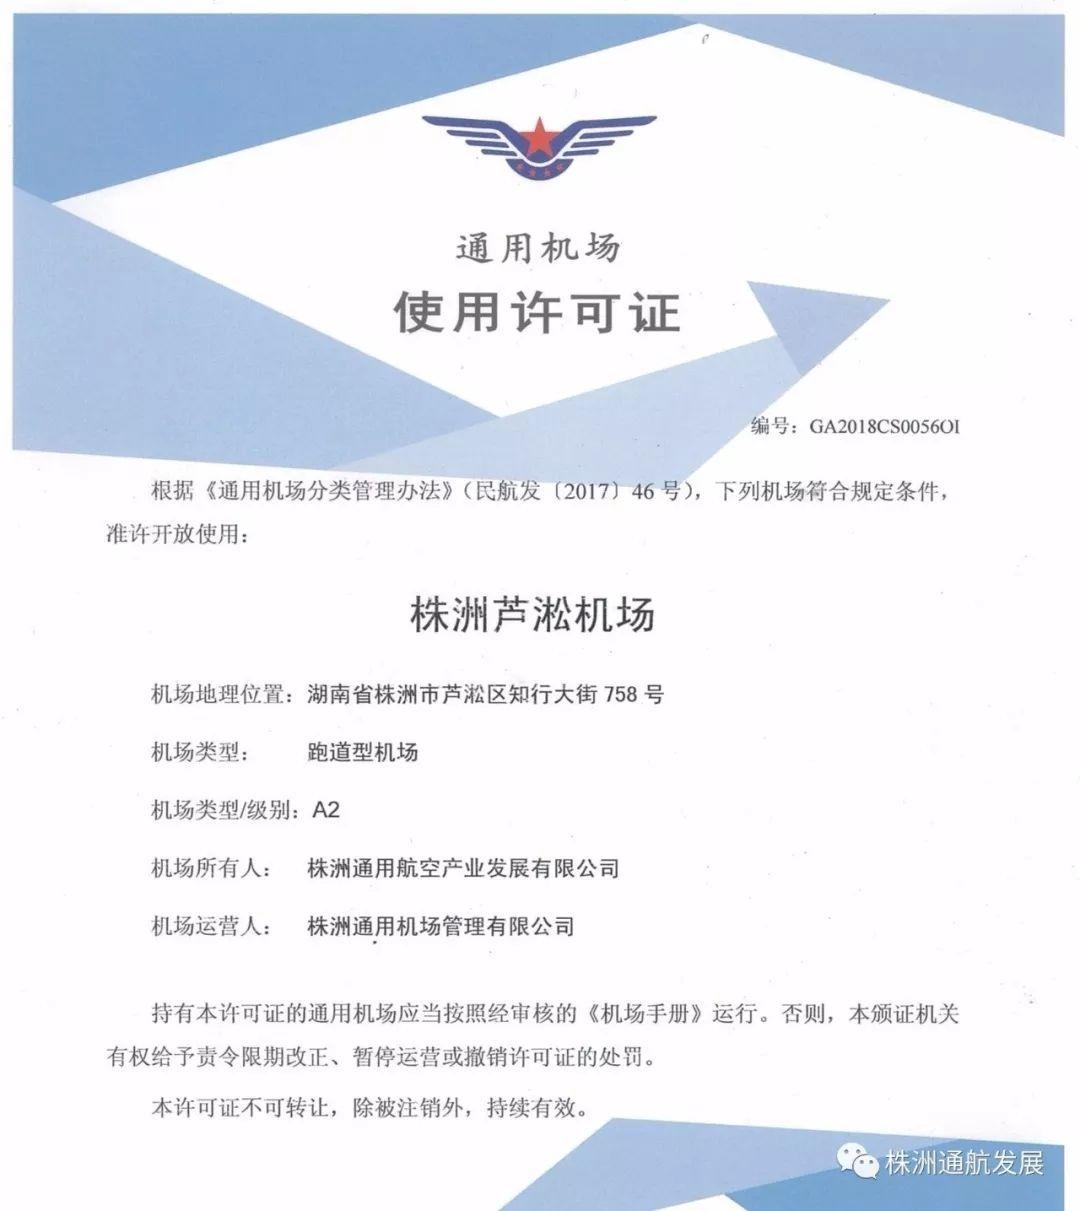 湖南首个!株洲芦淞通用机场获A类使用许可证